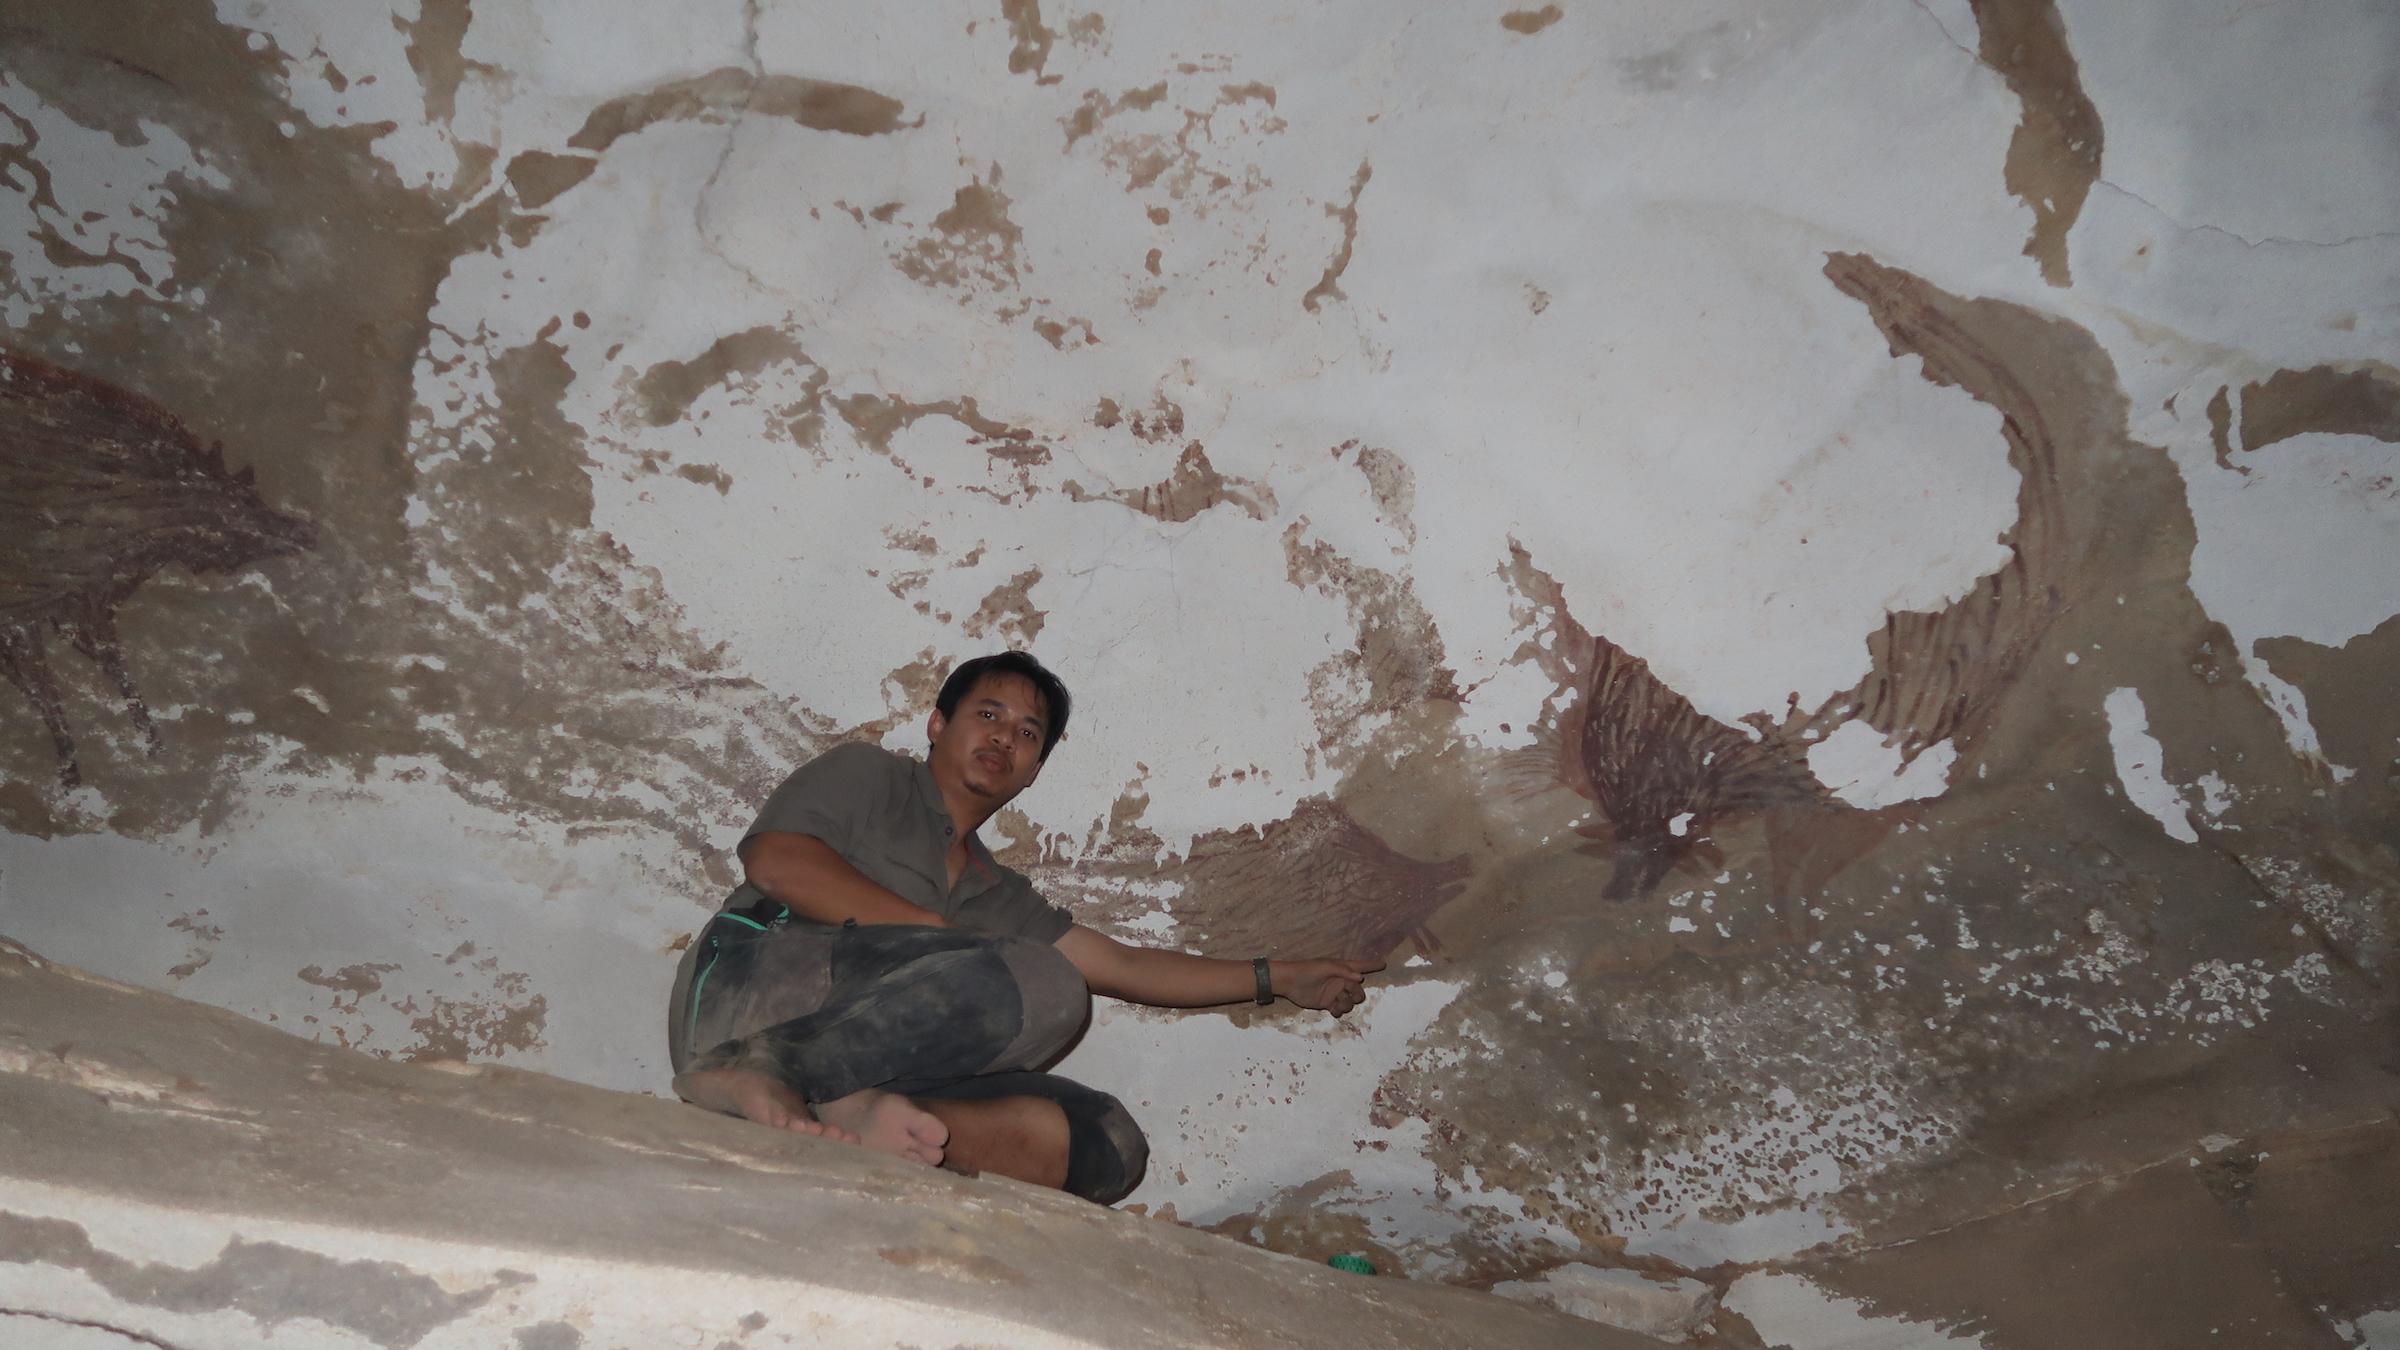 Un chercheur montre du doigt les autres porcs verruqueux sur le panneau rocheux de la grotte Leang Tedongnge.